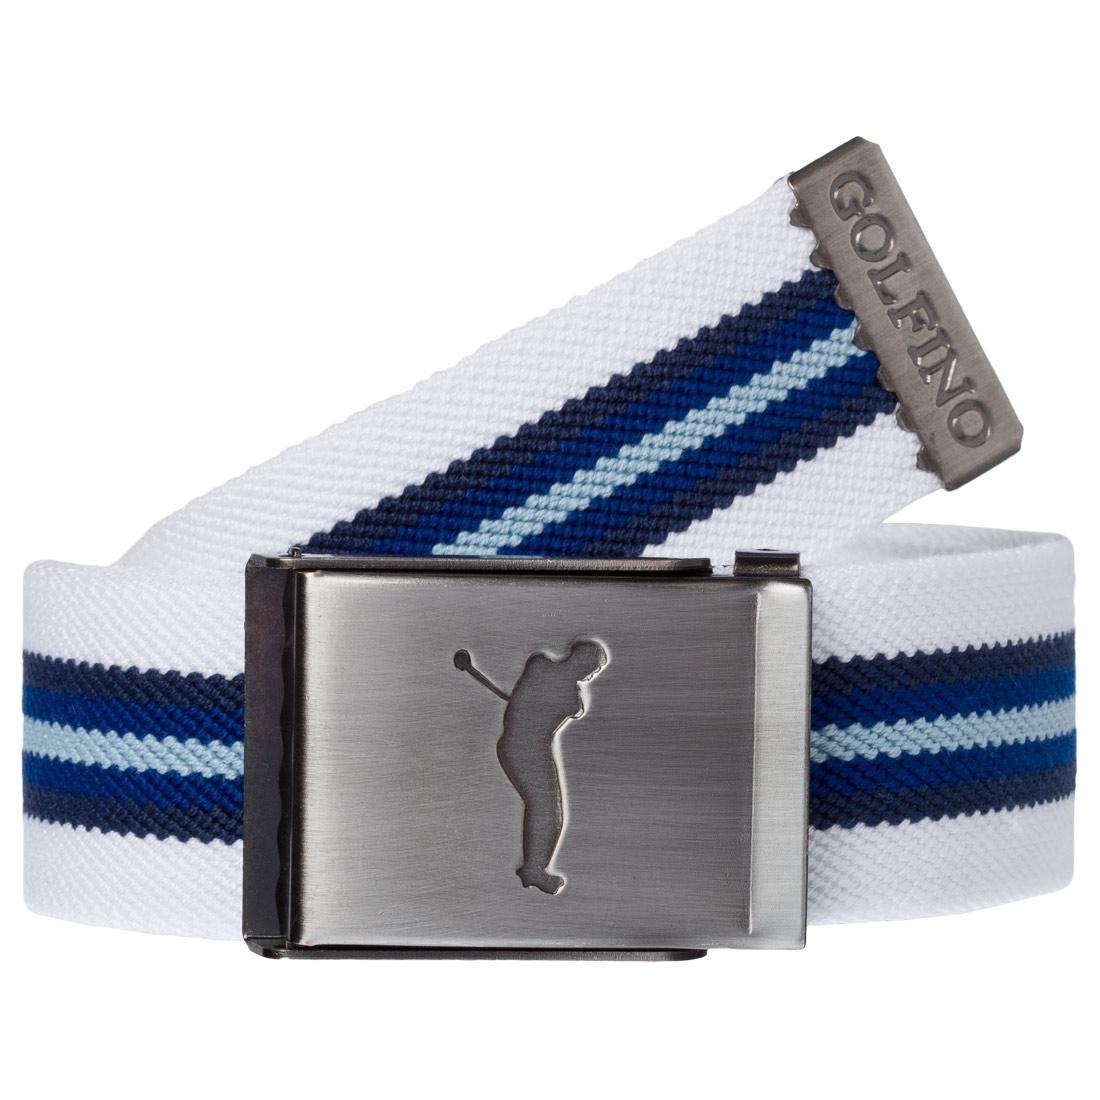 Herren Golfgürtel mit modischem Streifen und nickelfreier Klemm-Schnalle